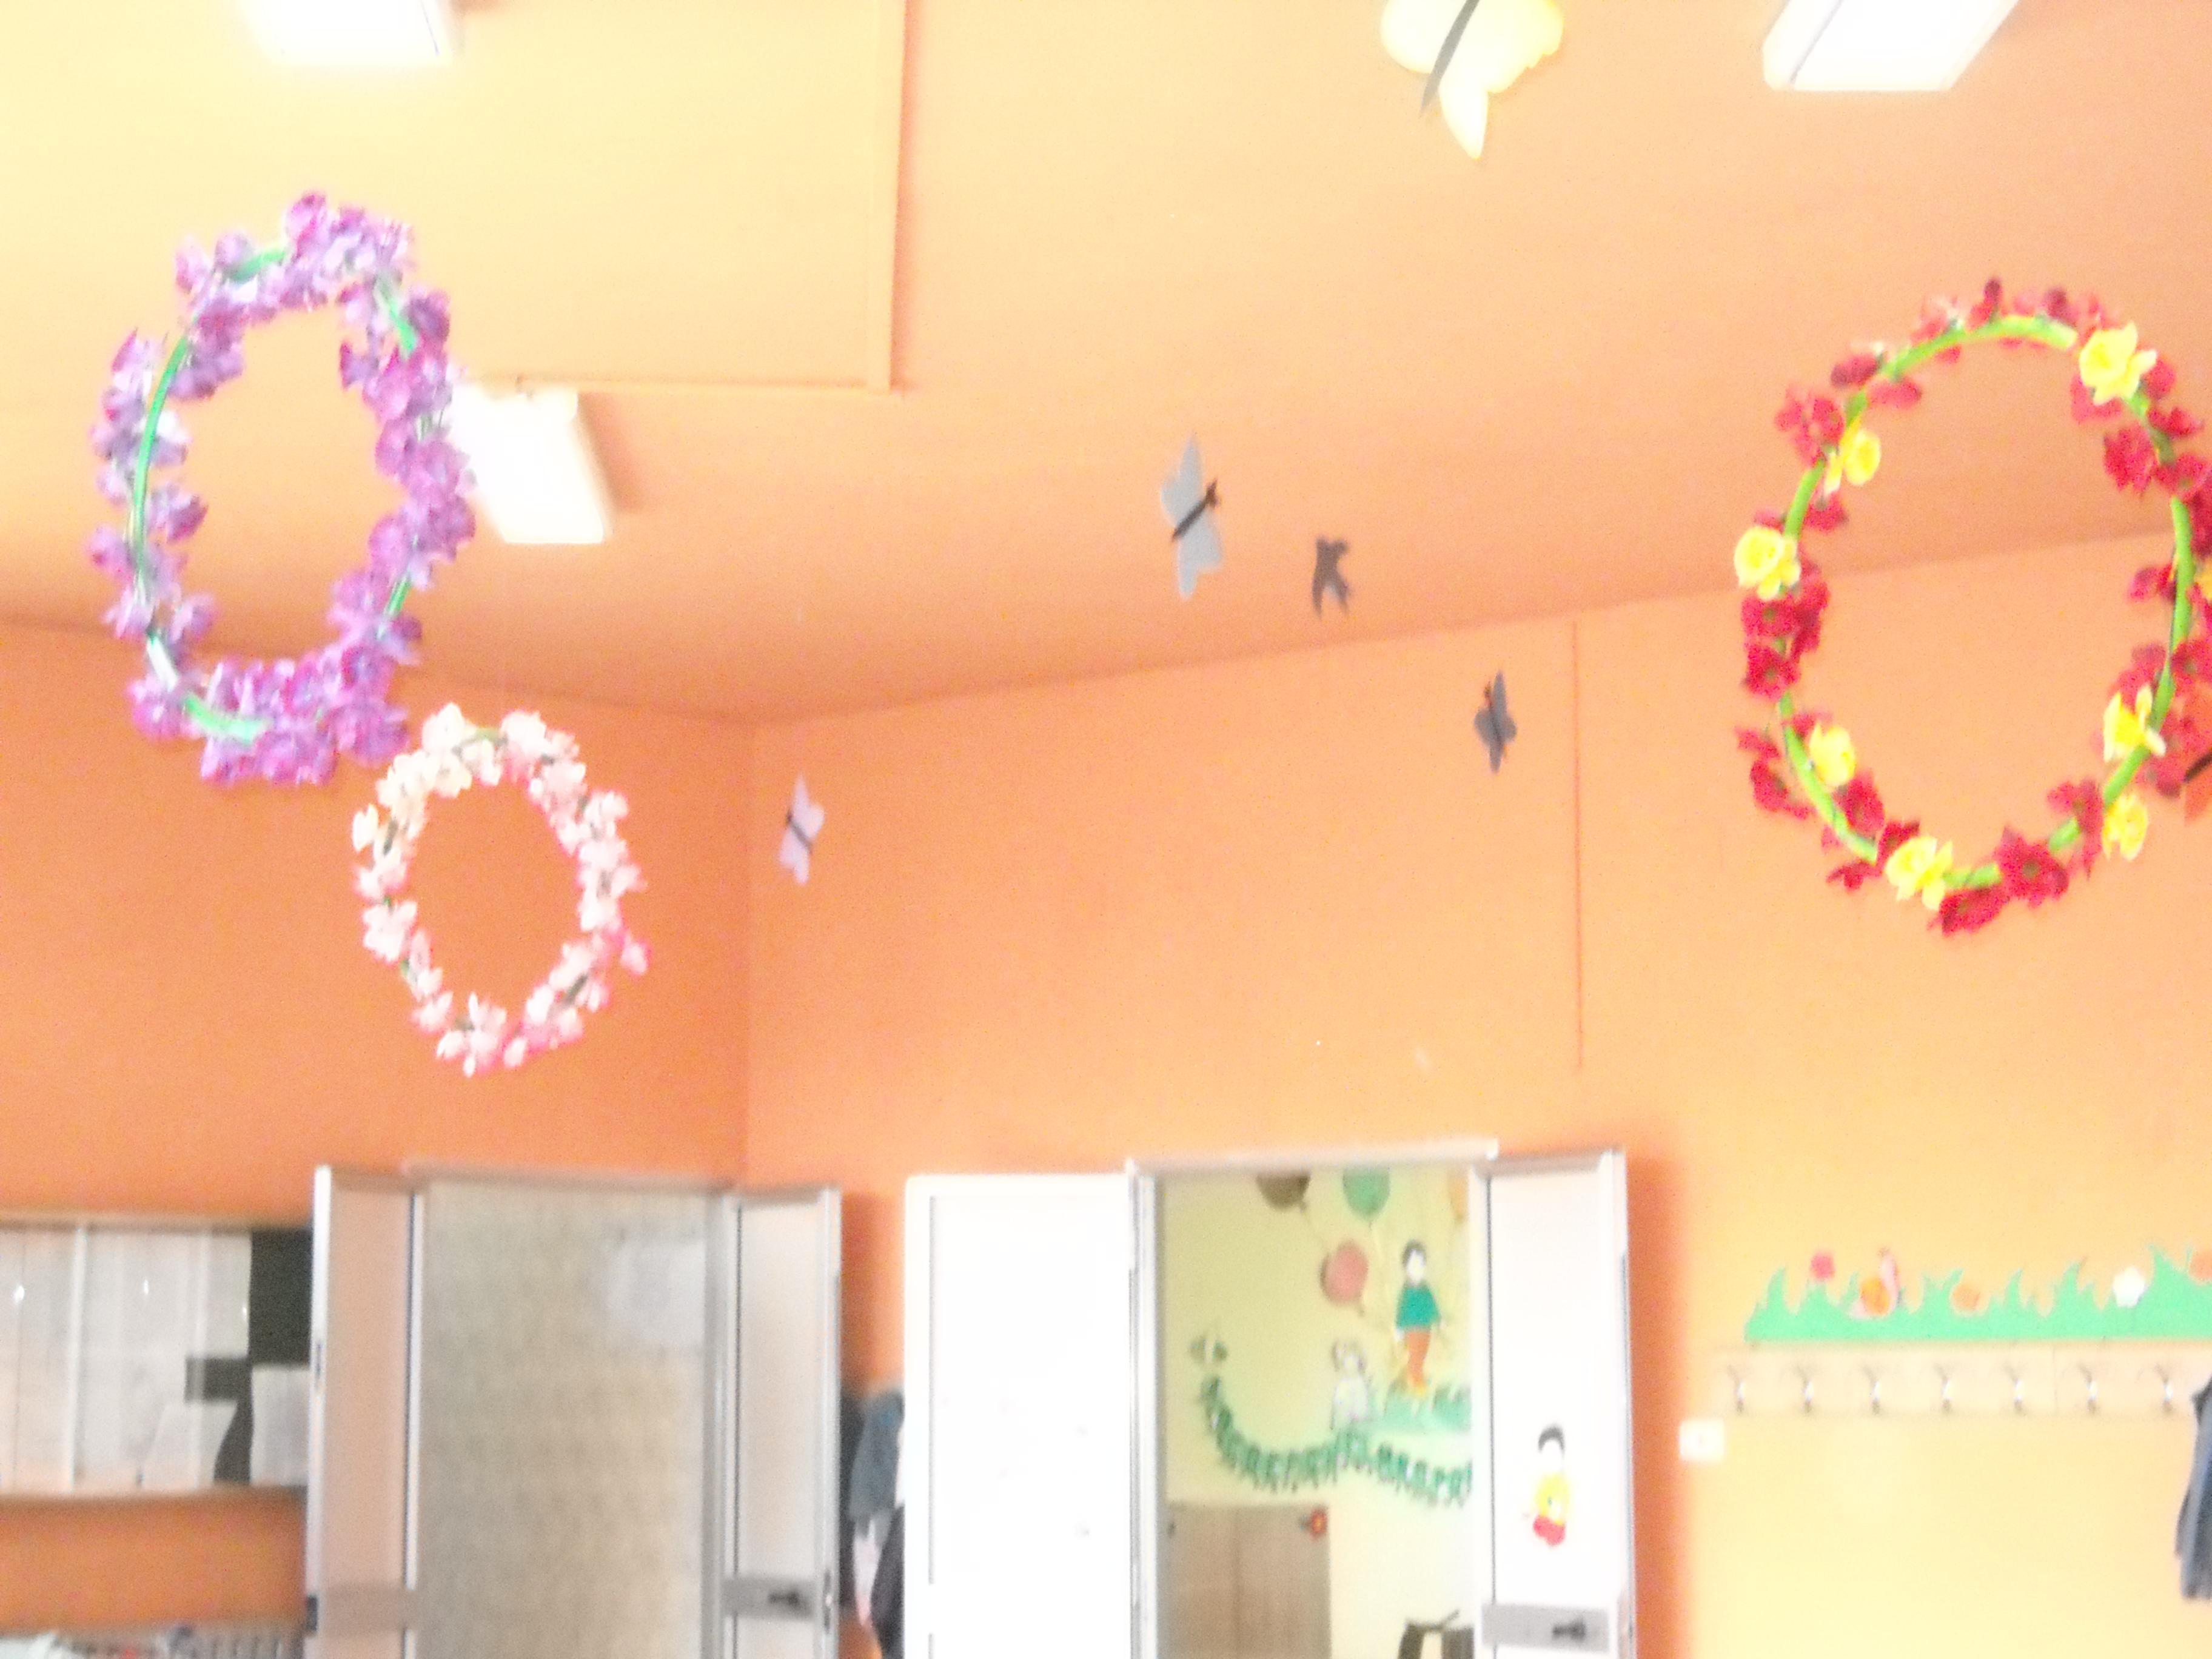 Lavoretti e addobbi primavera filastrocche canti for Addobbi per accoglienza scuola infanzia